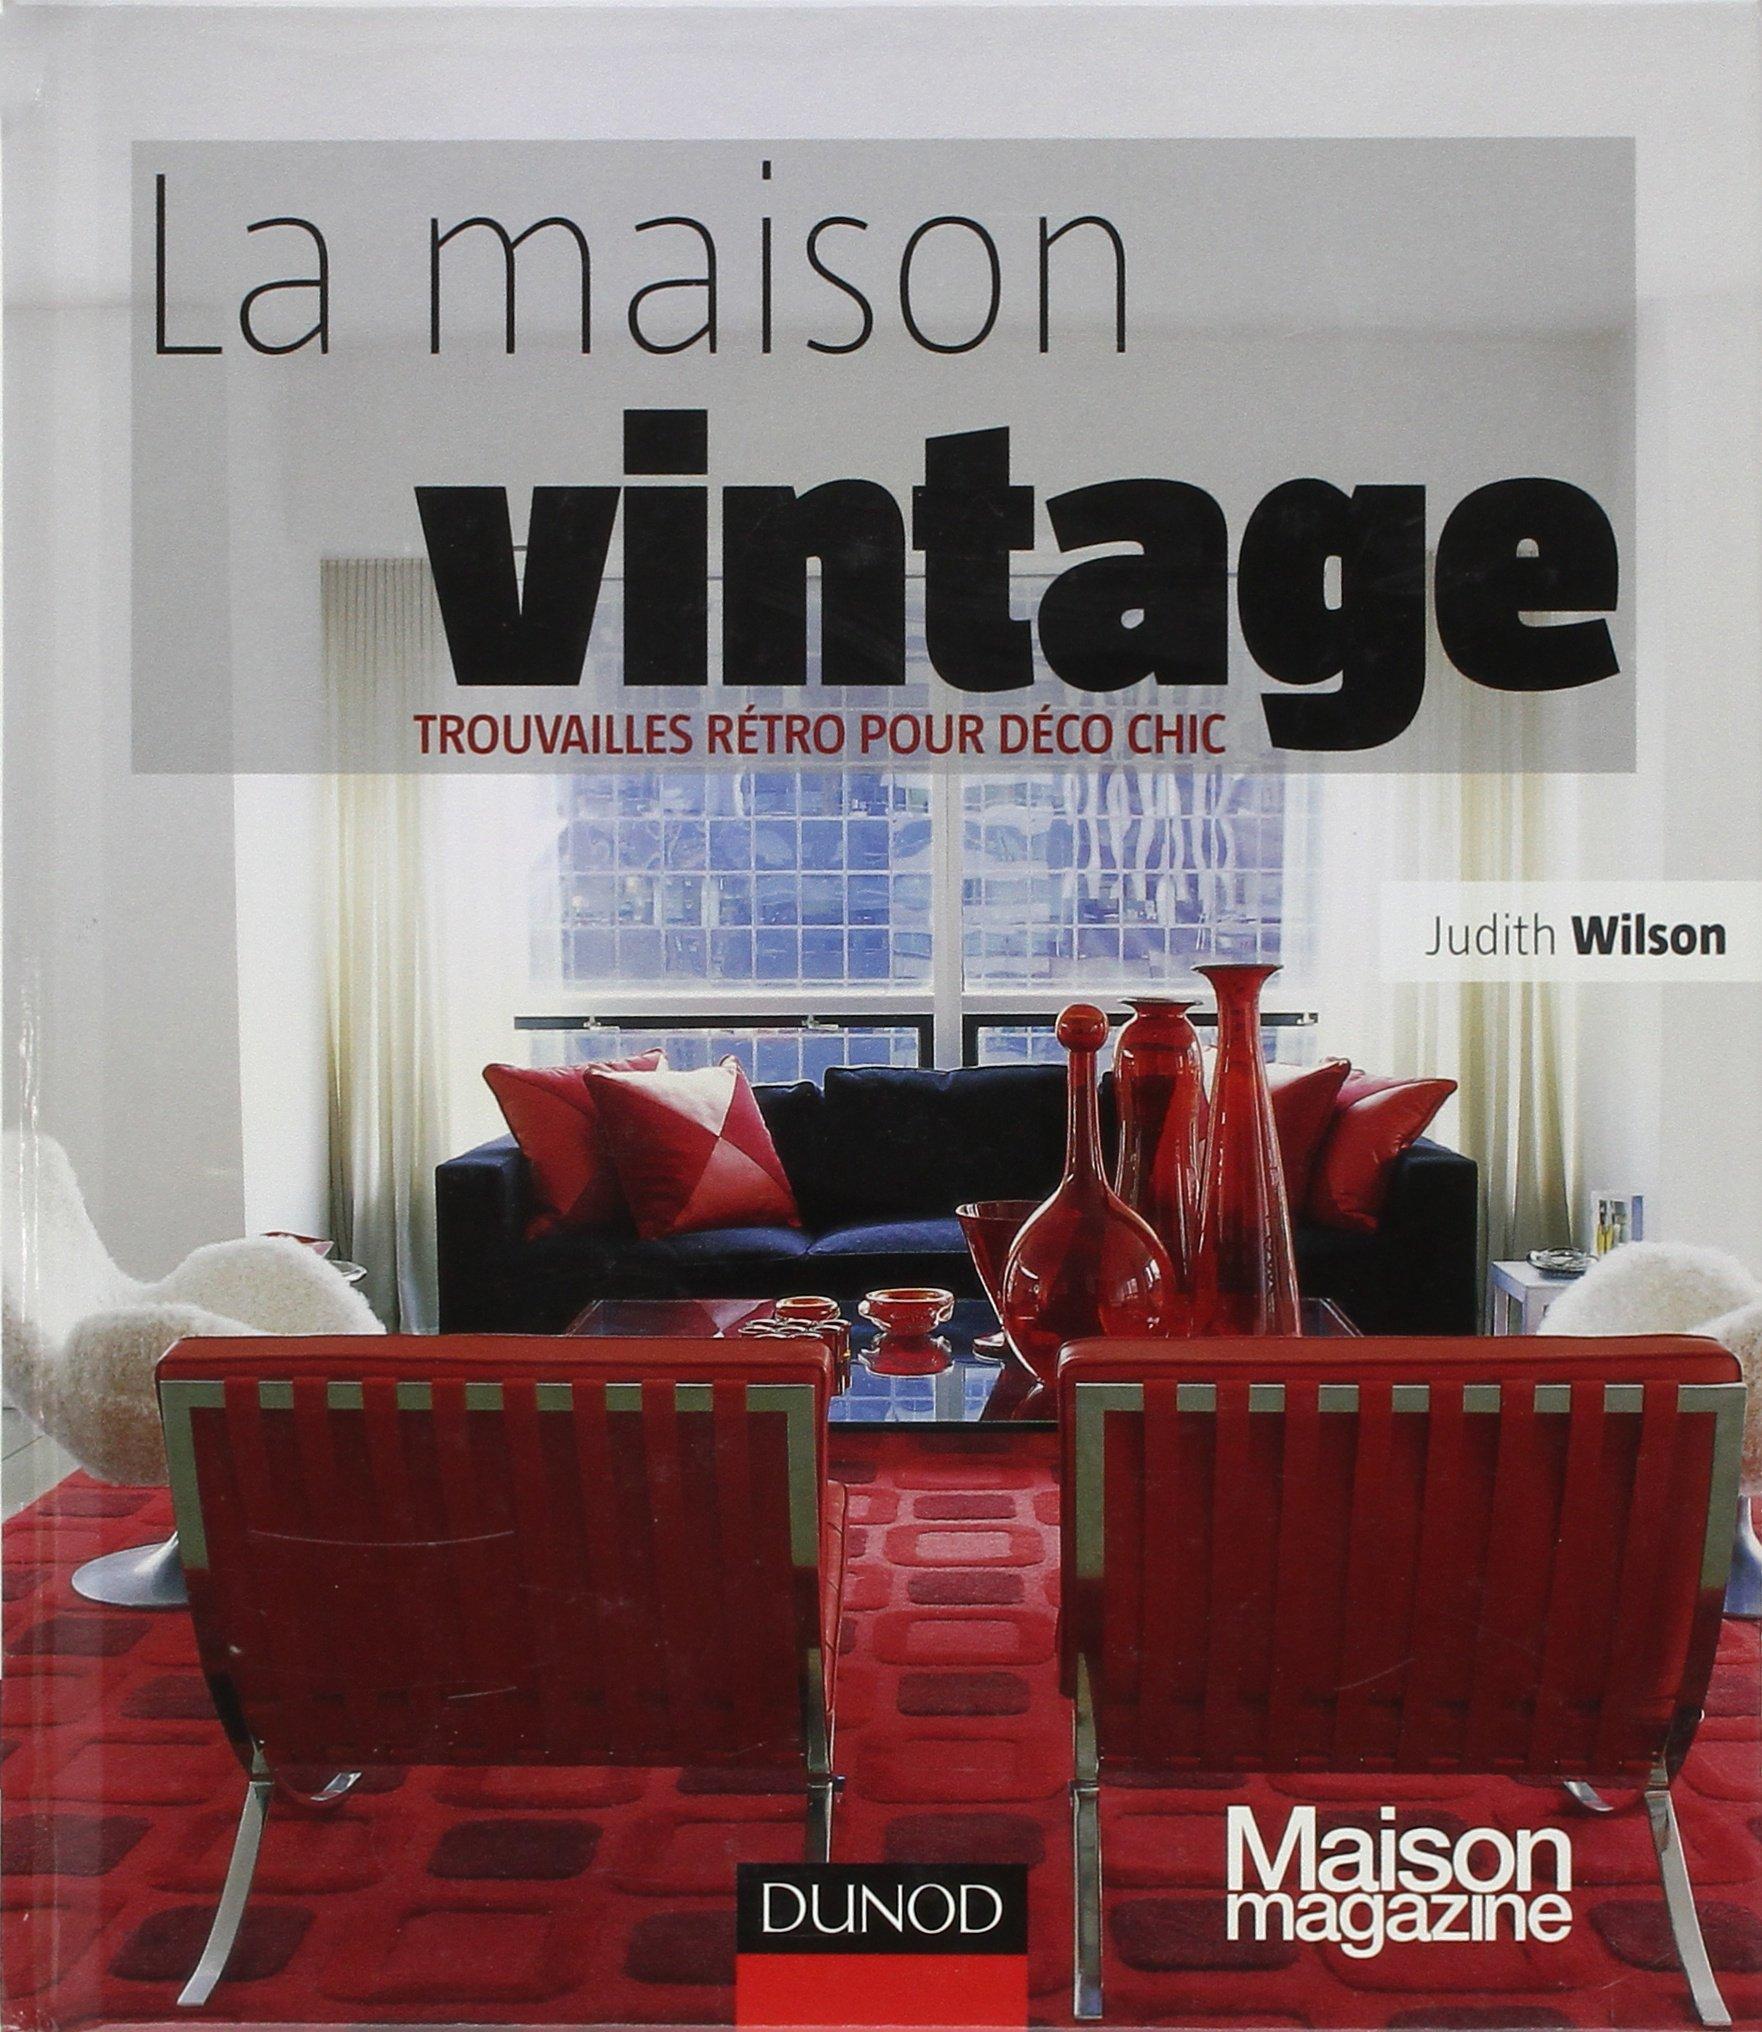 deco vintage maison. Black Bedroom Furniture Sets. Home Design Ideas